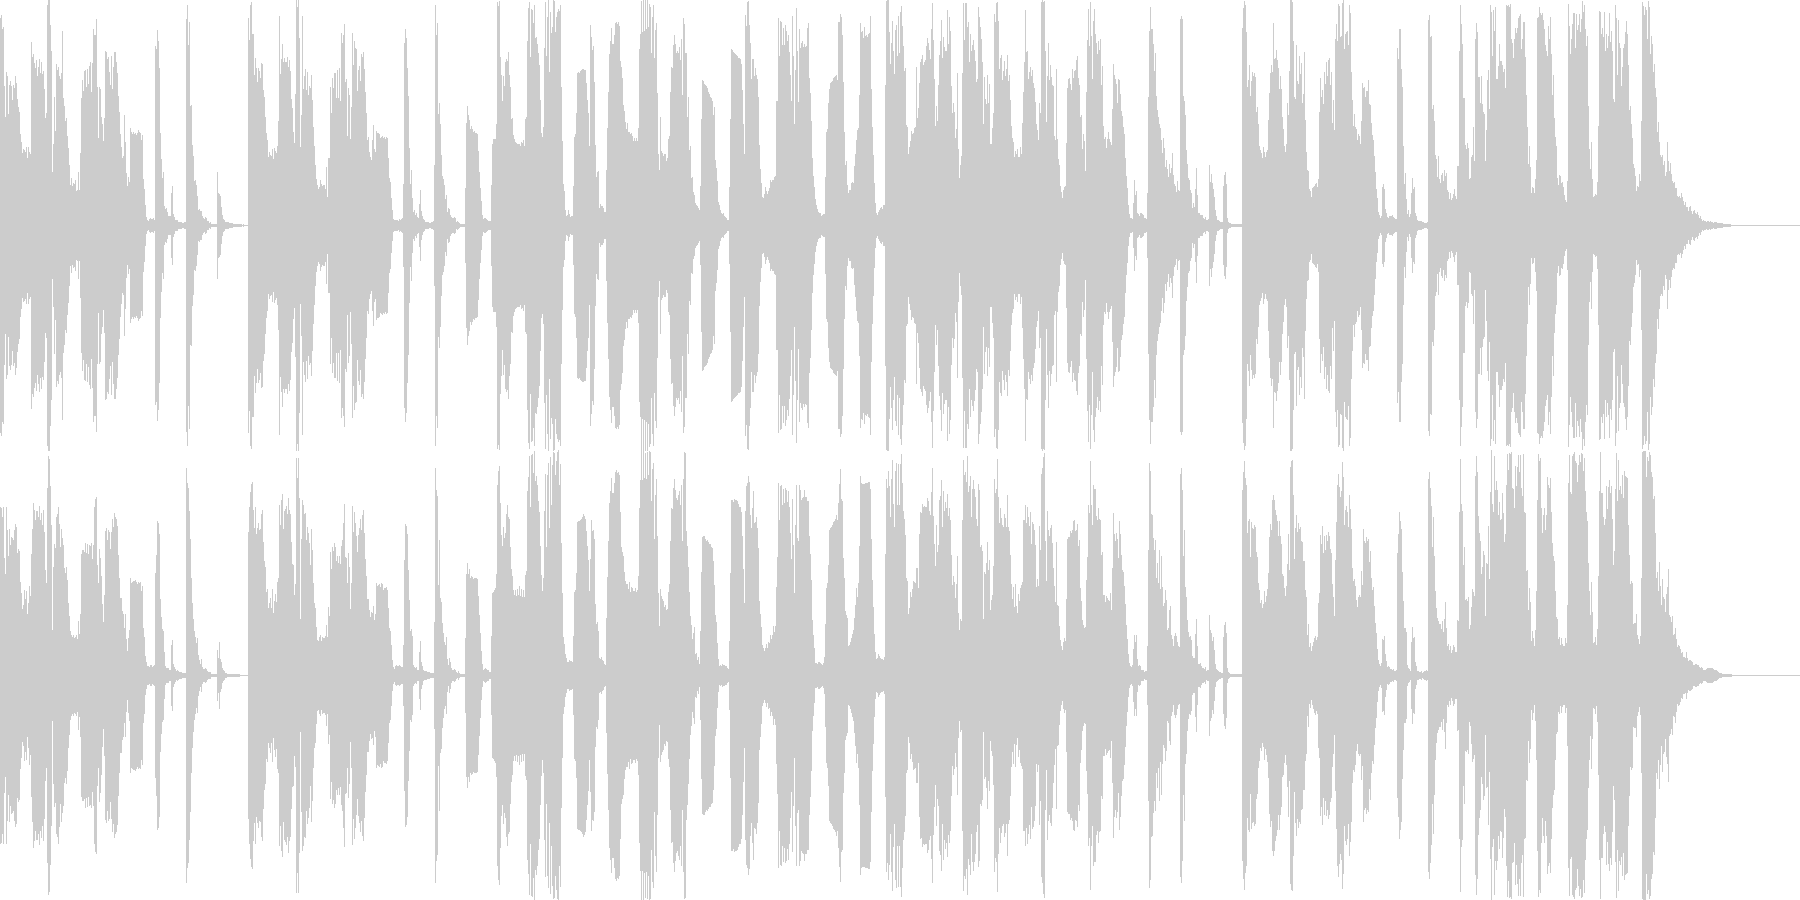 ポップテイストのBGMの未再生の波形